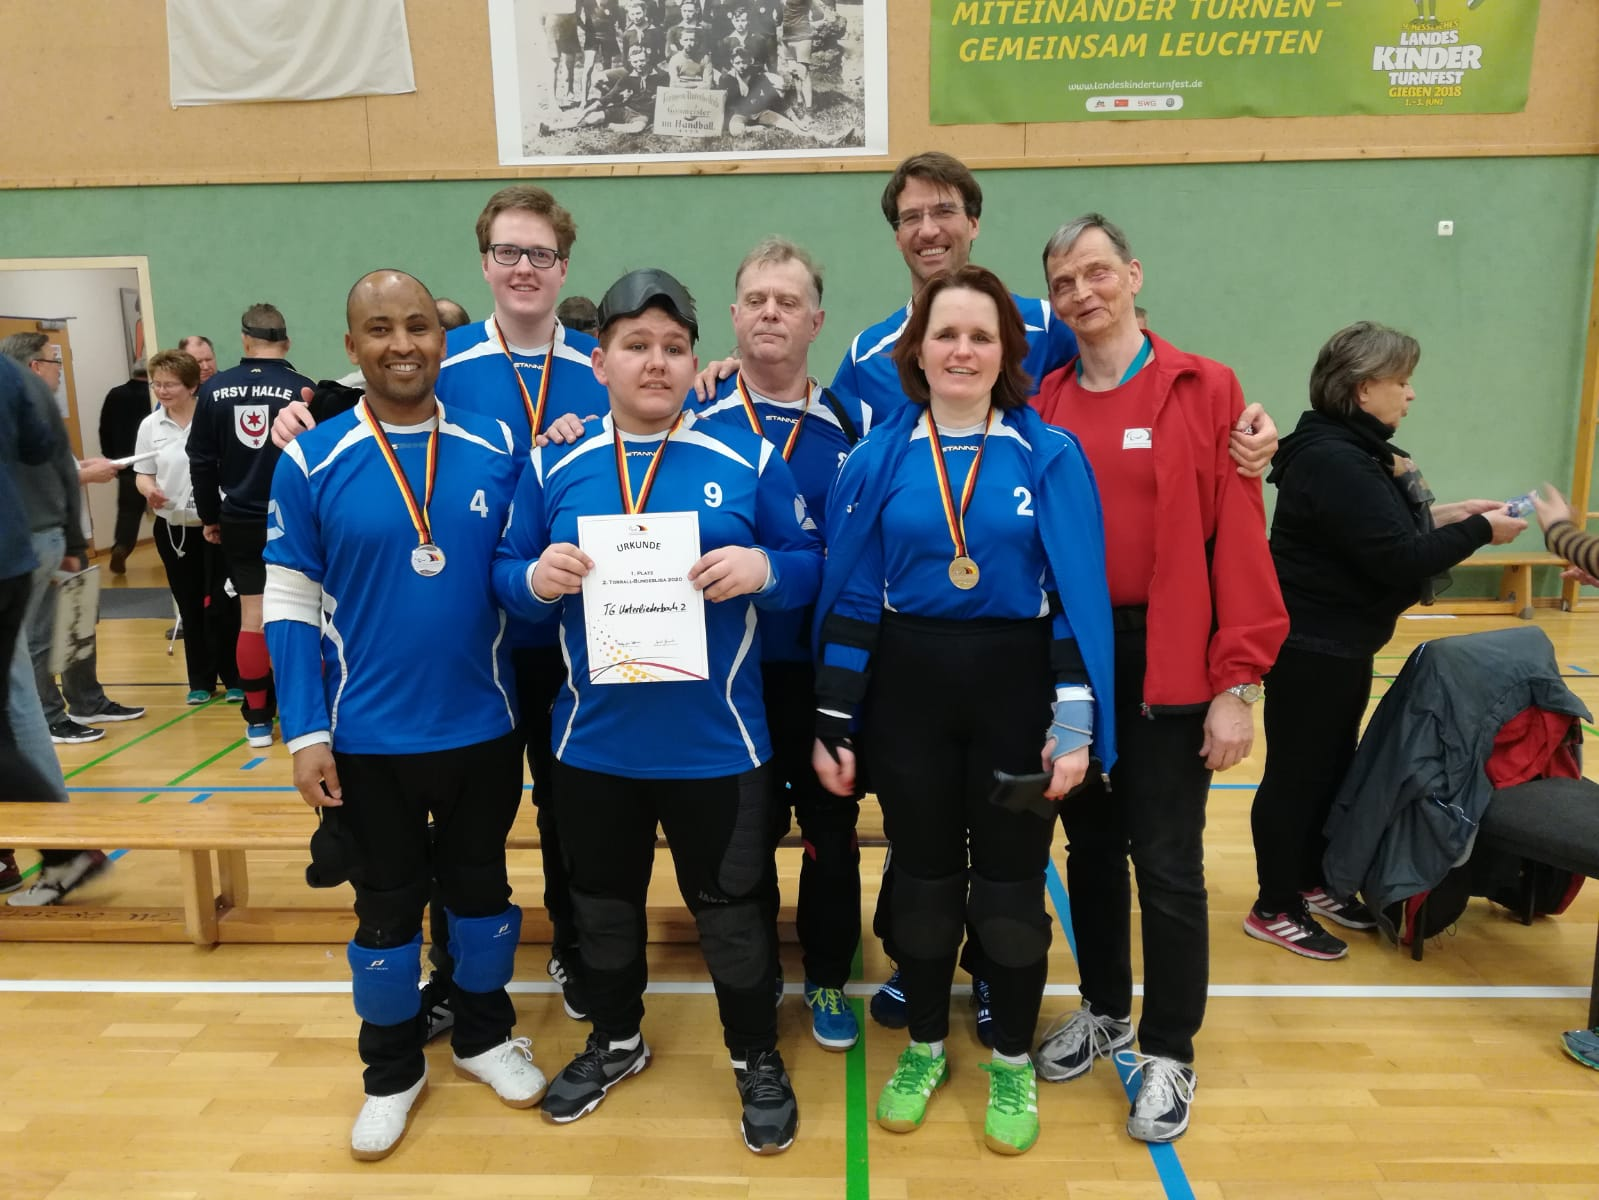 Das Team der TG Unterliederbach II mit der Urkunde für Platz 2